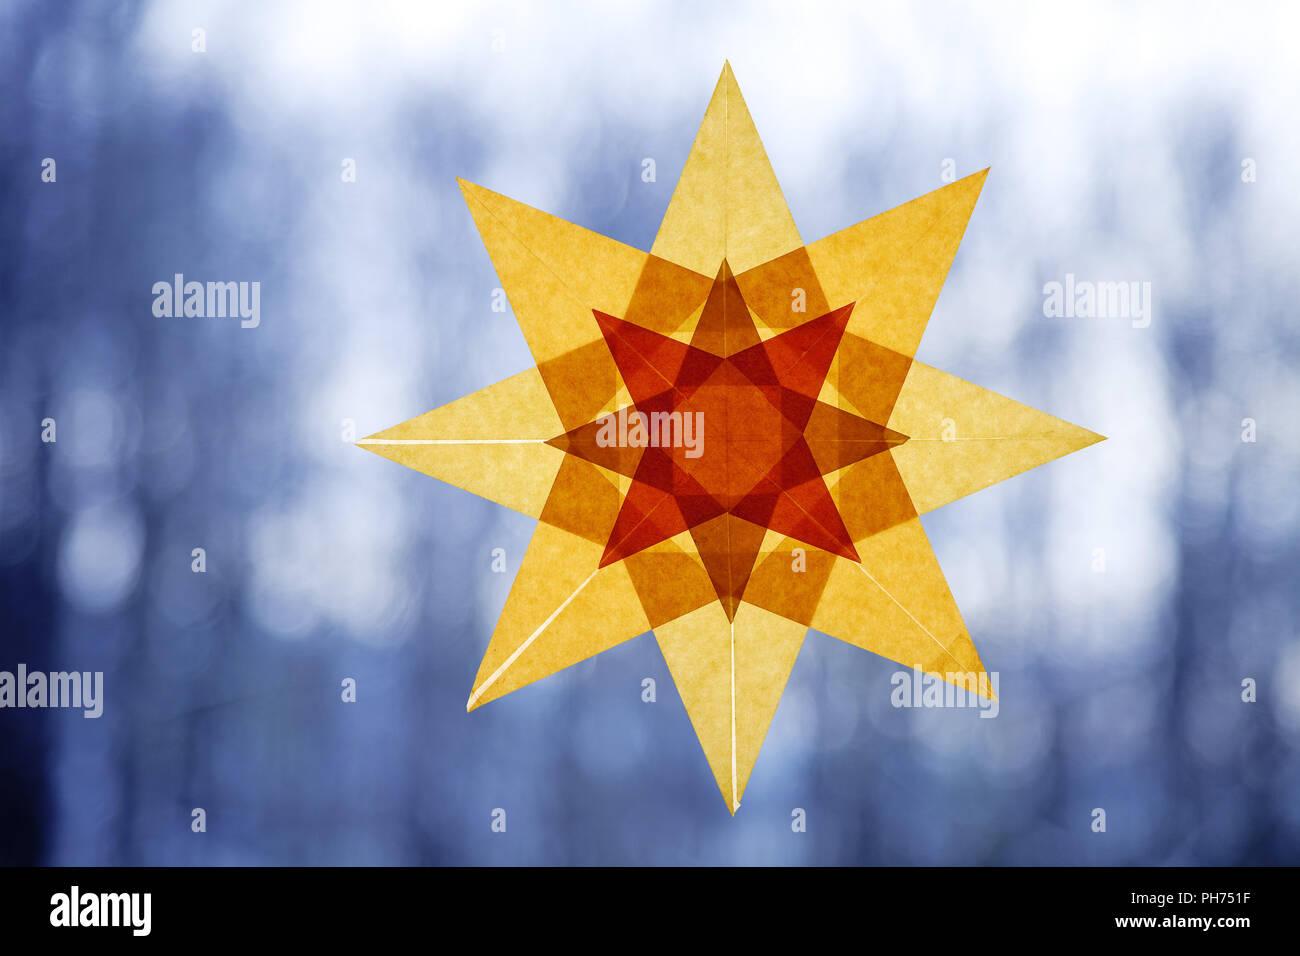 Transparente, estrella de la decoración de las ventanas, el invierno Imagen De Stock